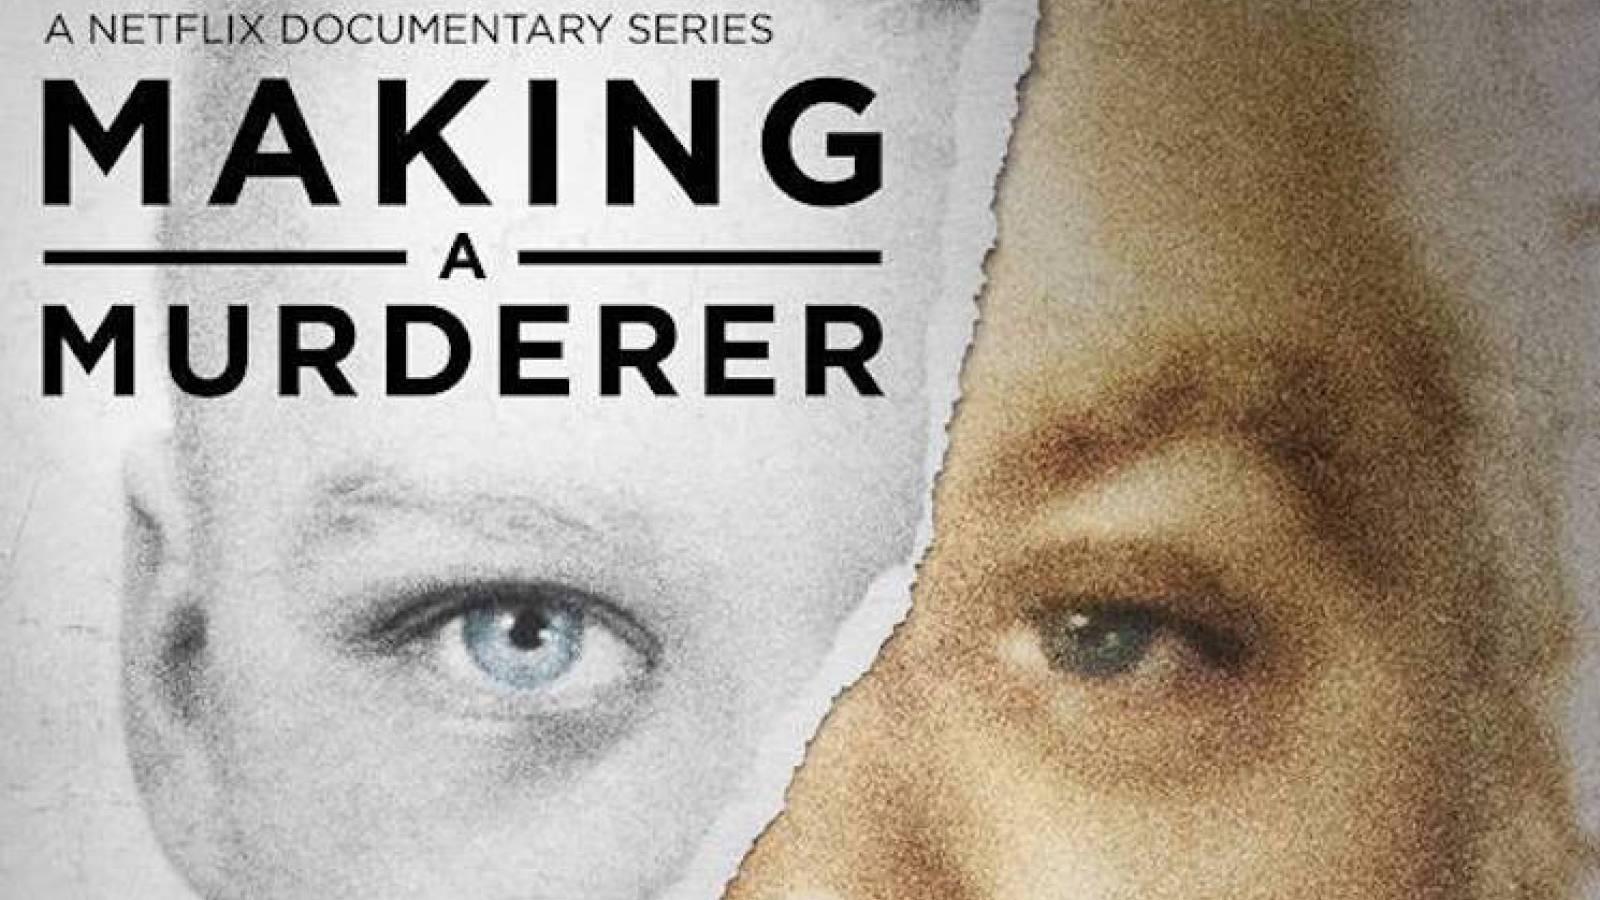 Making a Murderer - Quelles séries commencer en 2016, nouvelles séries conseils blog lifestyle cinéma